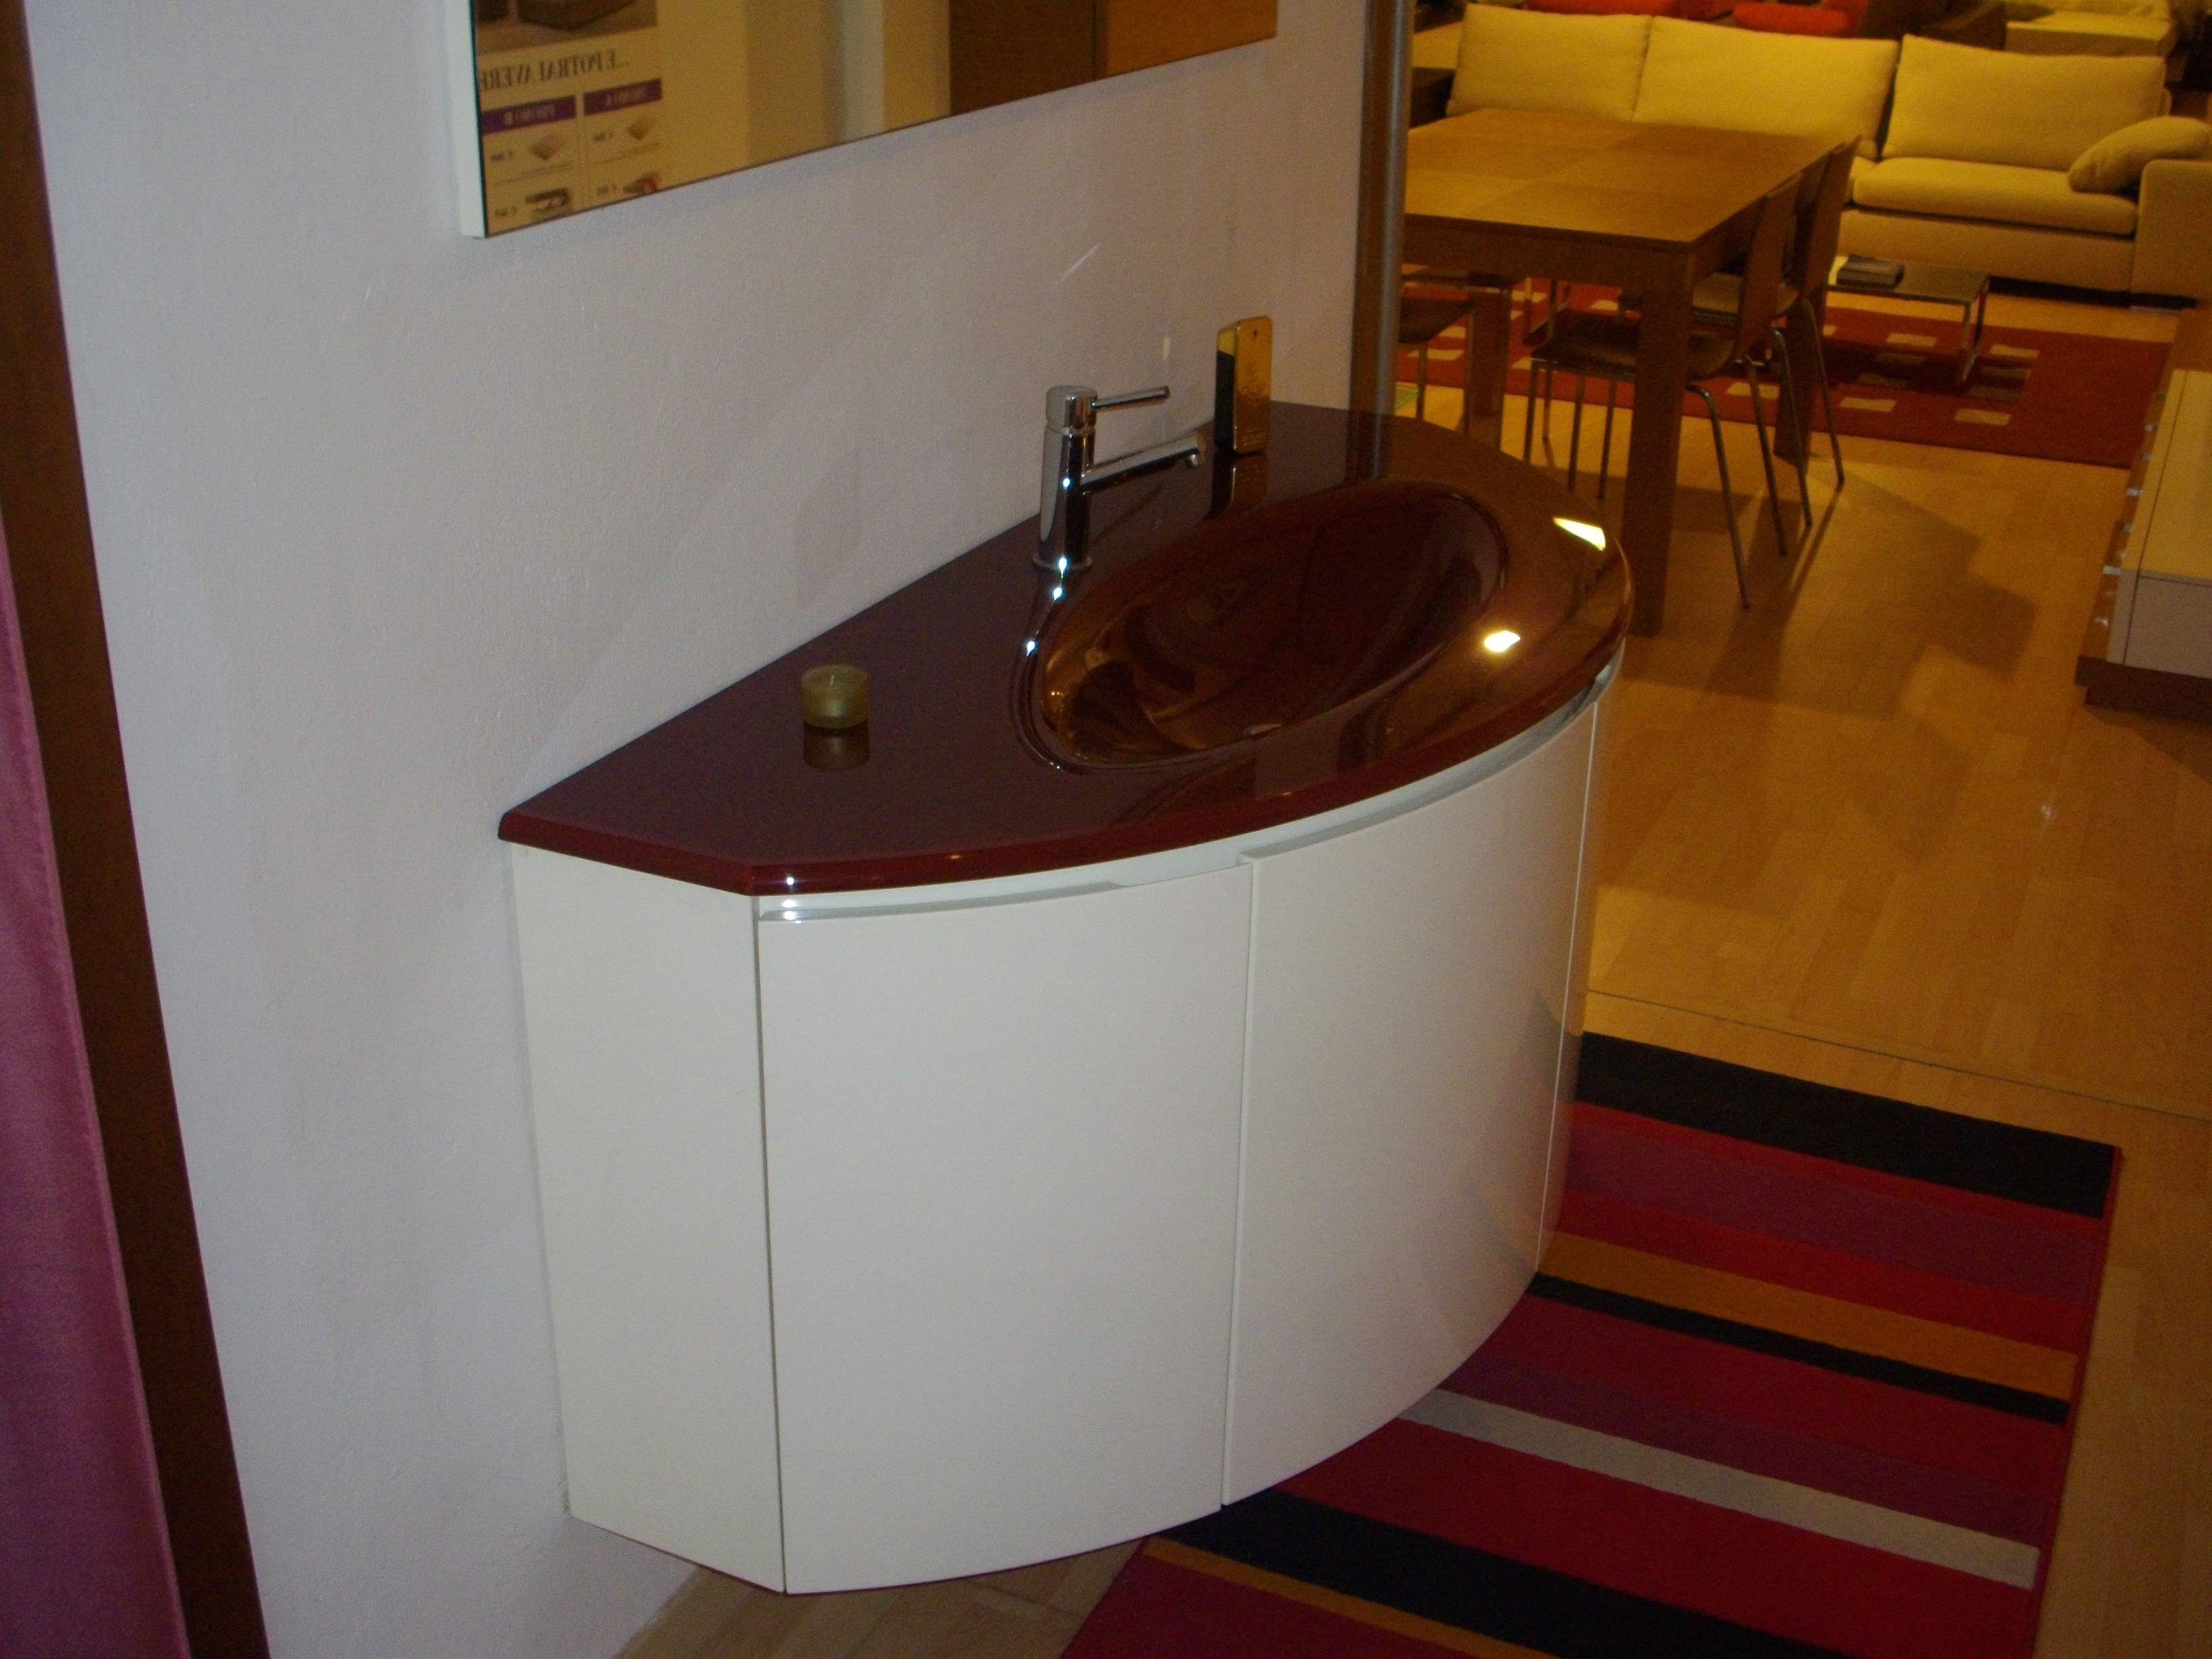 Mobile bagno curvo scontato del 67 arredo bagno a - Mobile bagno curvo ...